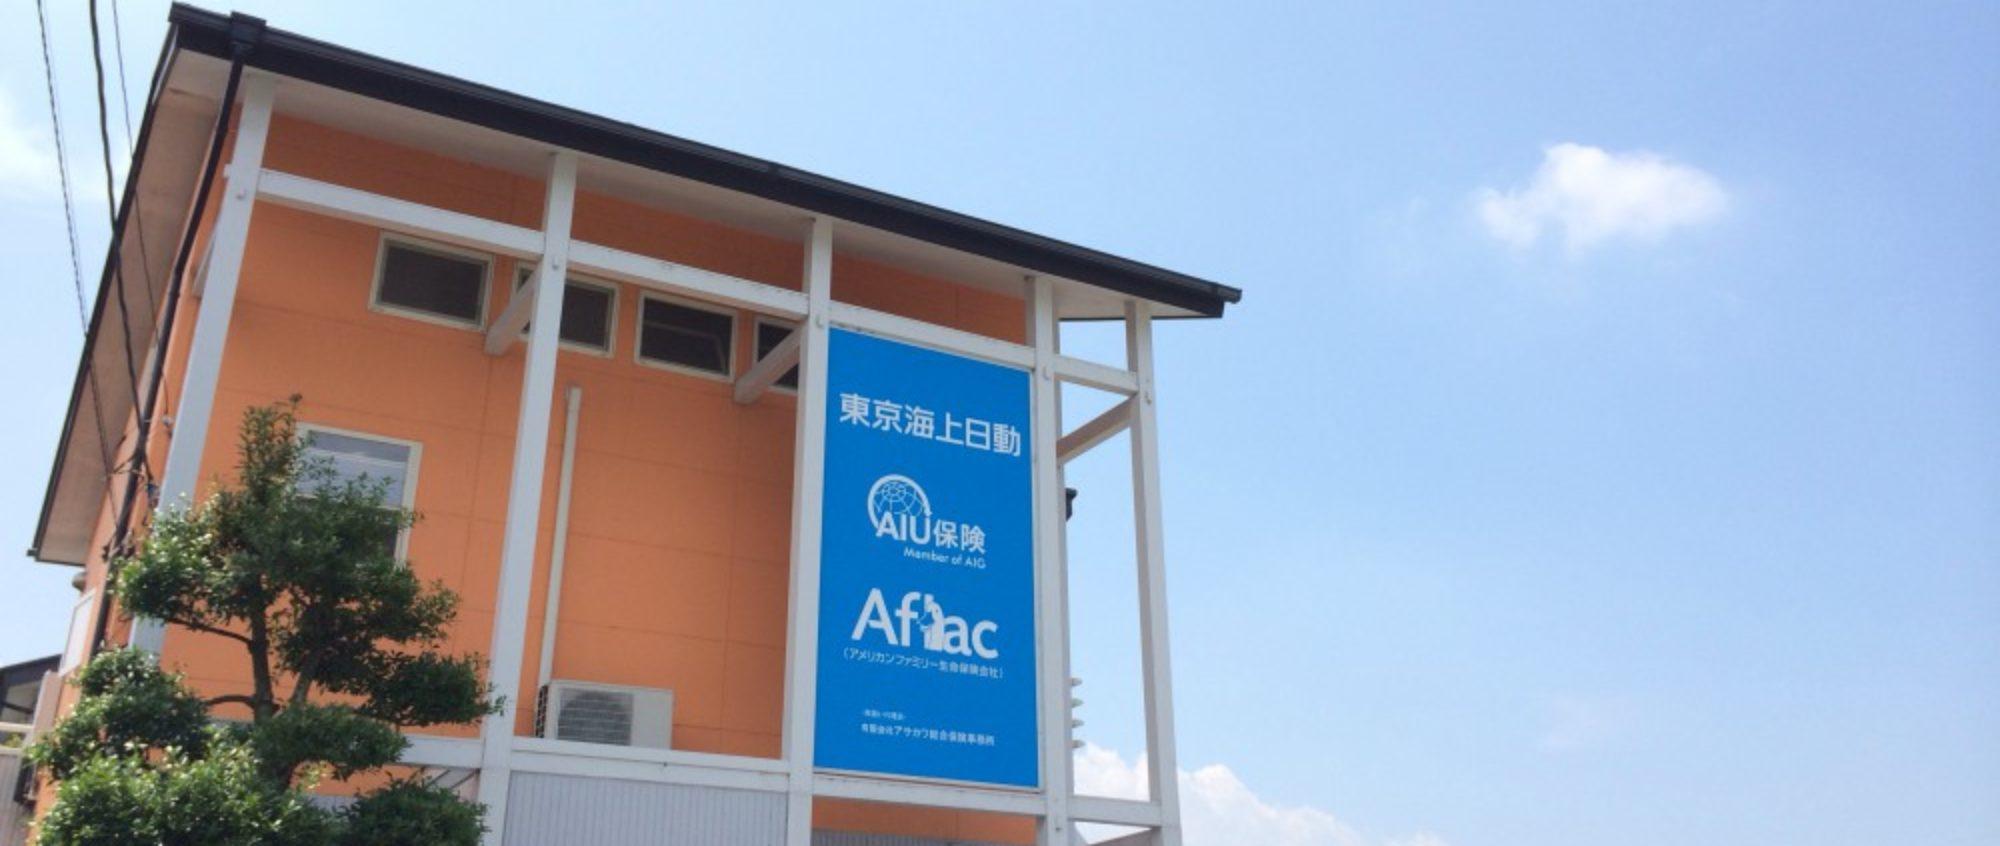 ライフエール株式会社 アサカワ総合保険